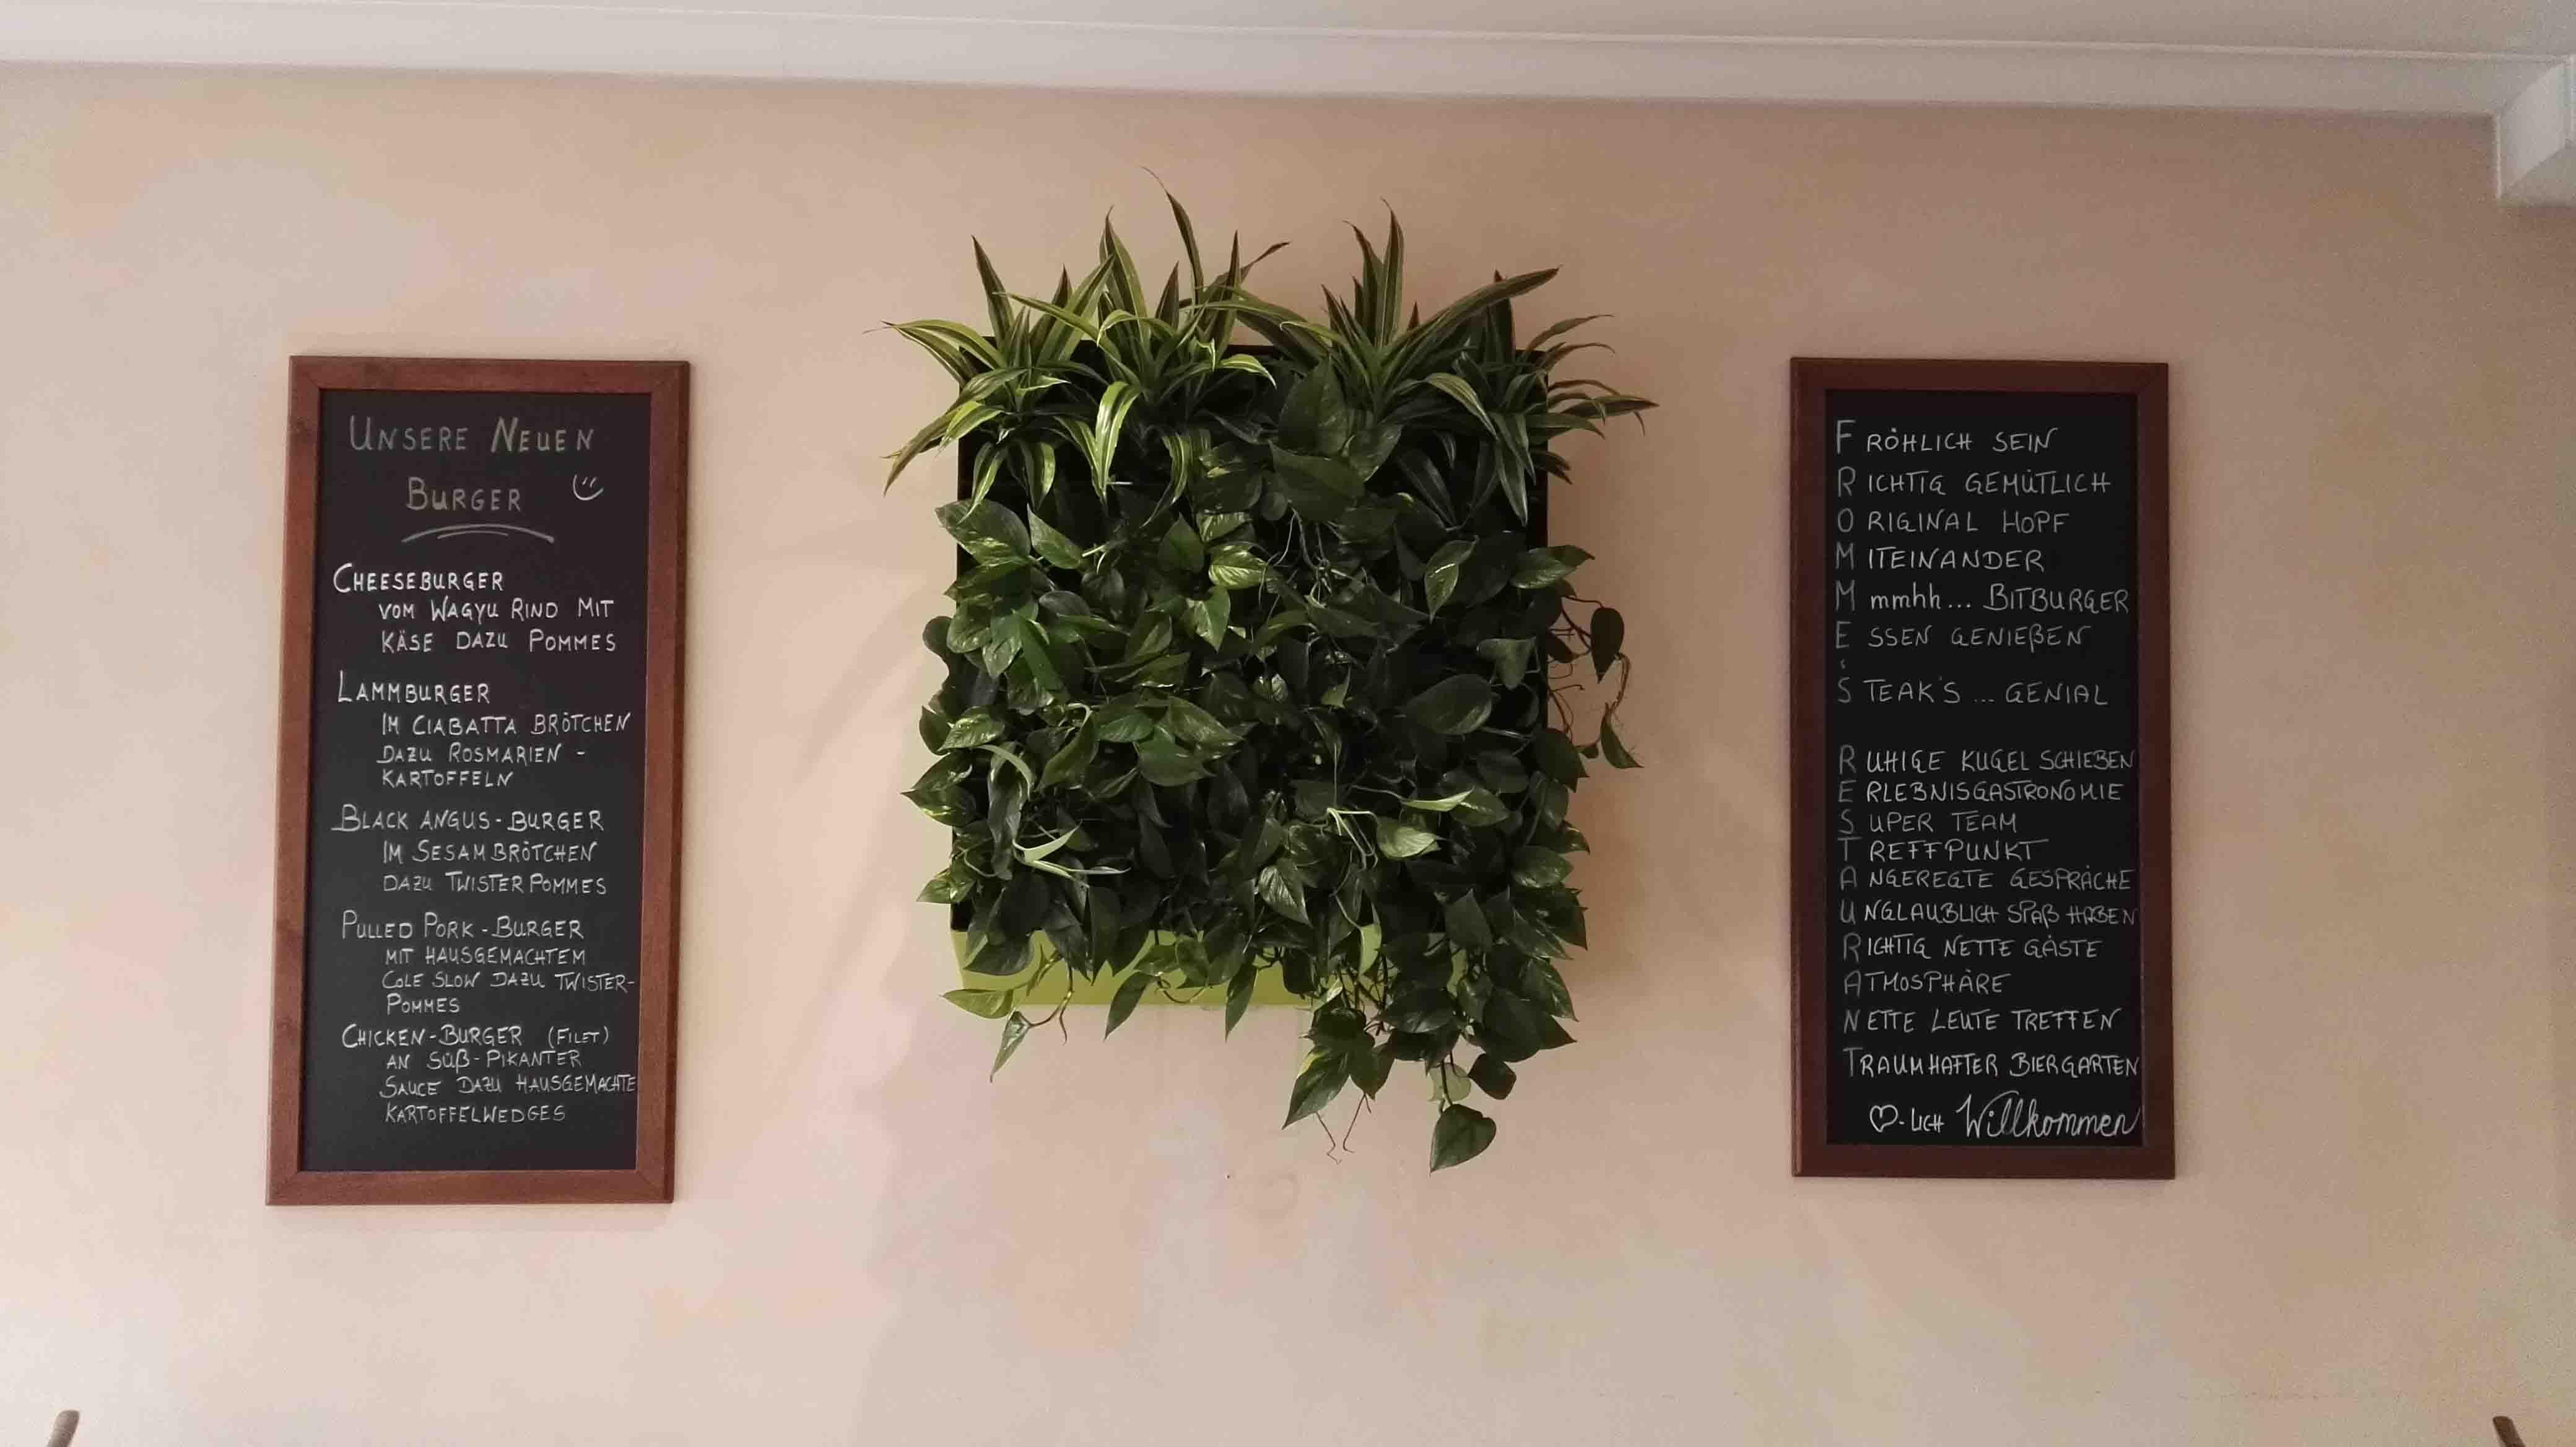 Wandbegrünung die grüne wand begrünung in der gastronomie die grüne wand